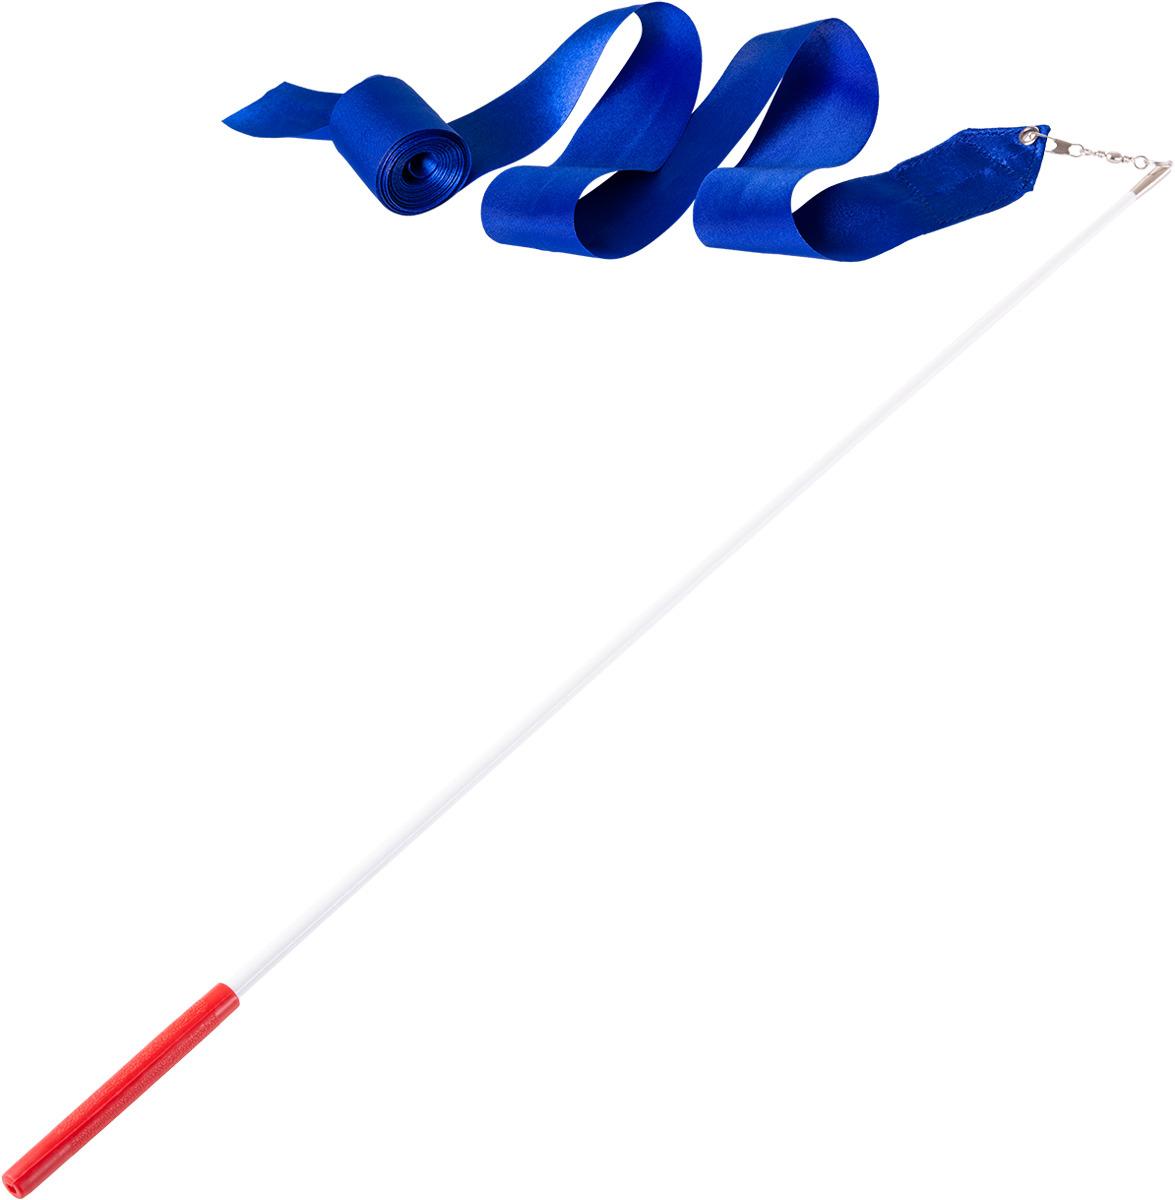 Лента для художественной гимнастики Amely AGR-201, длина 6 м, с палочкой 56 см, цвет: синий